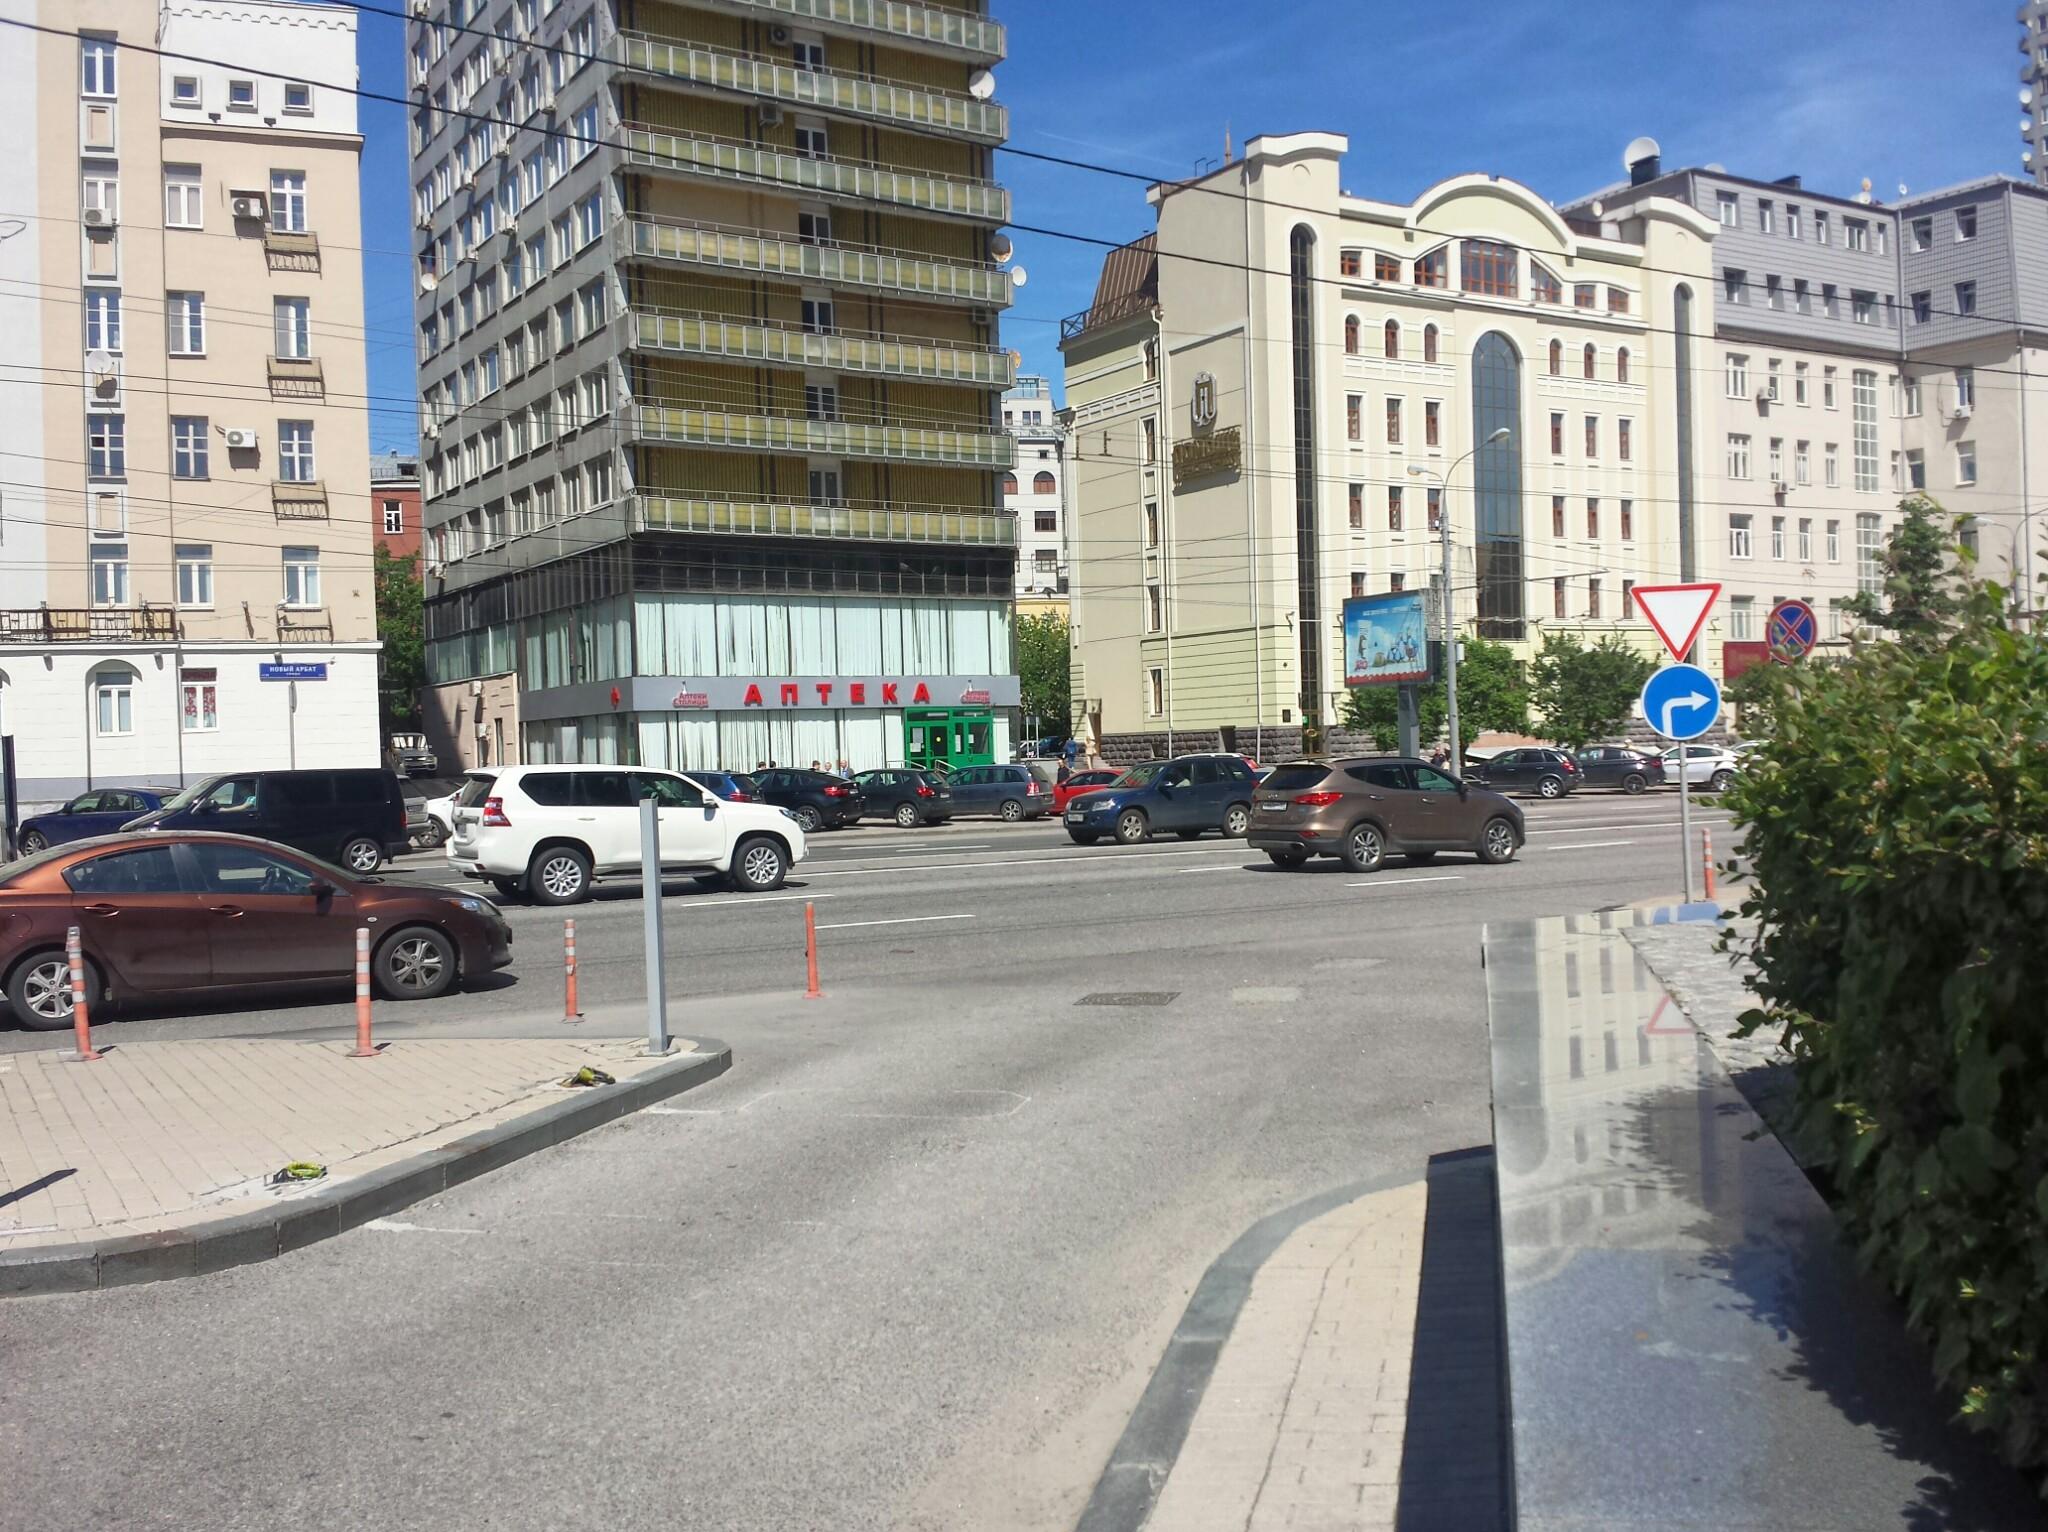 Как работают платные парковки в центре спб - e